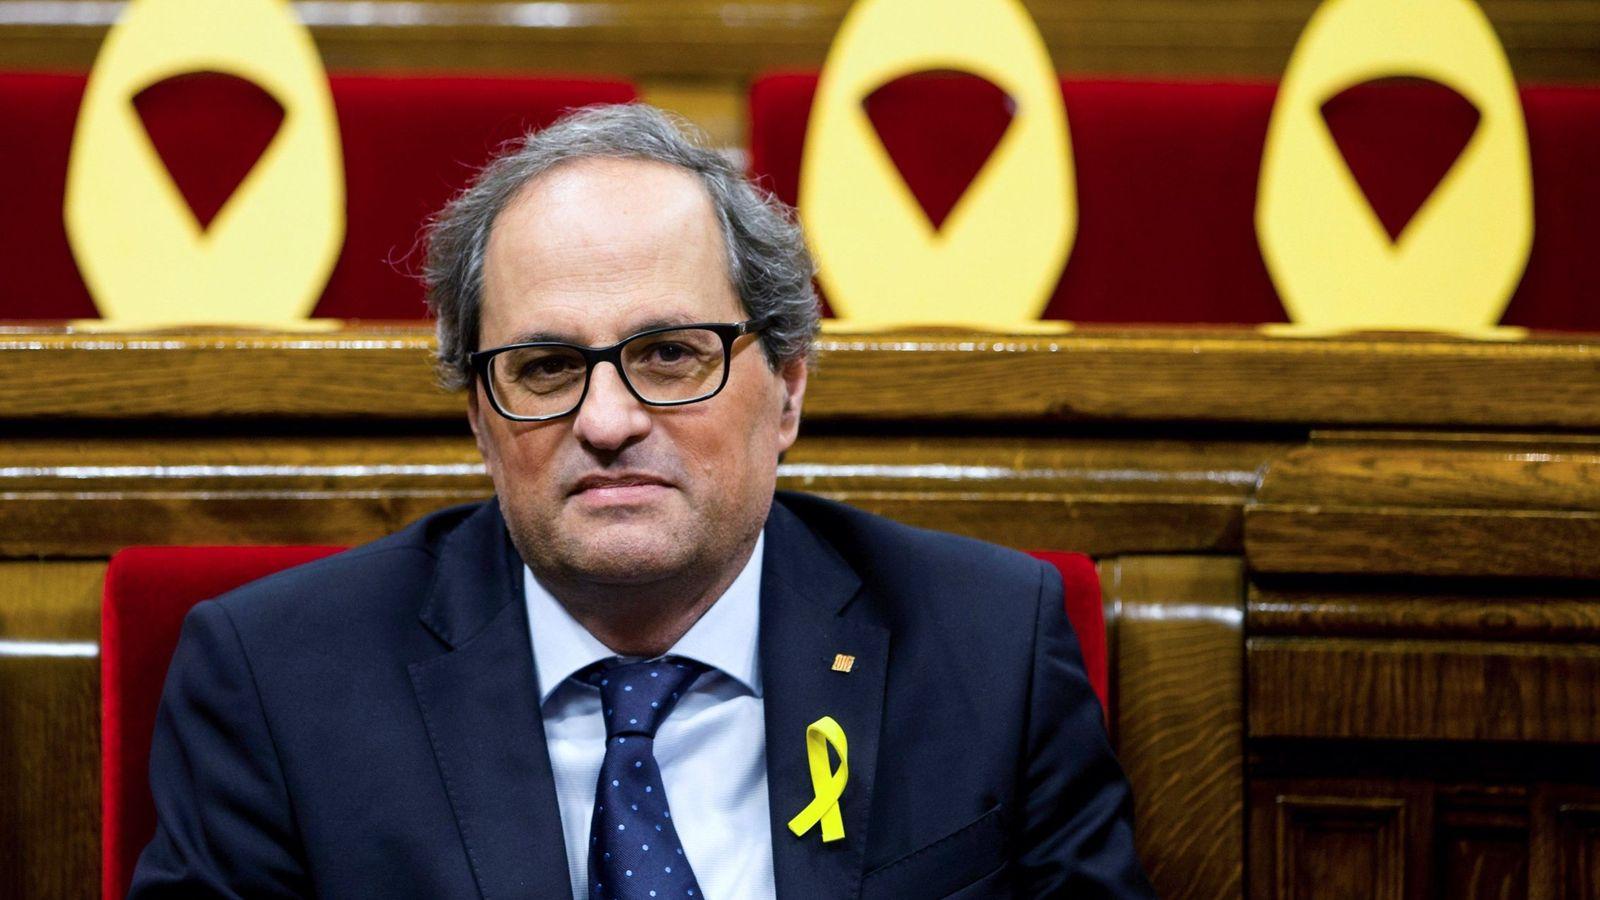 Foto: El presidente de la Generalitat Quim Torra al inicio de la sesión de control al gobierno catalán